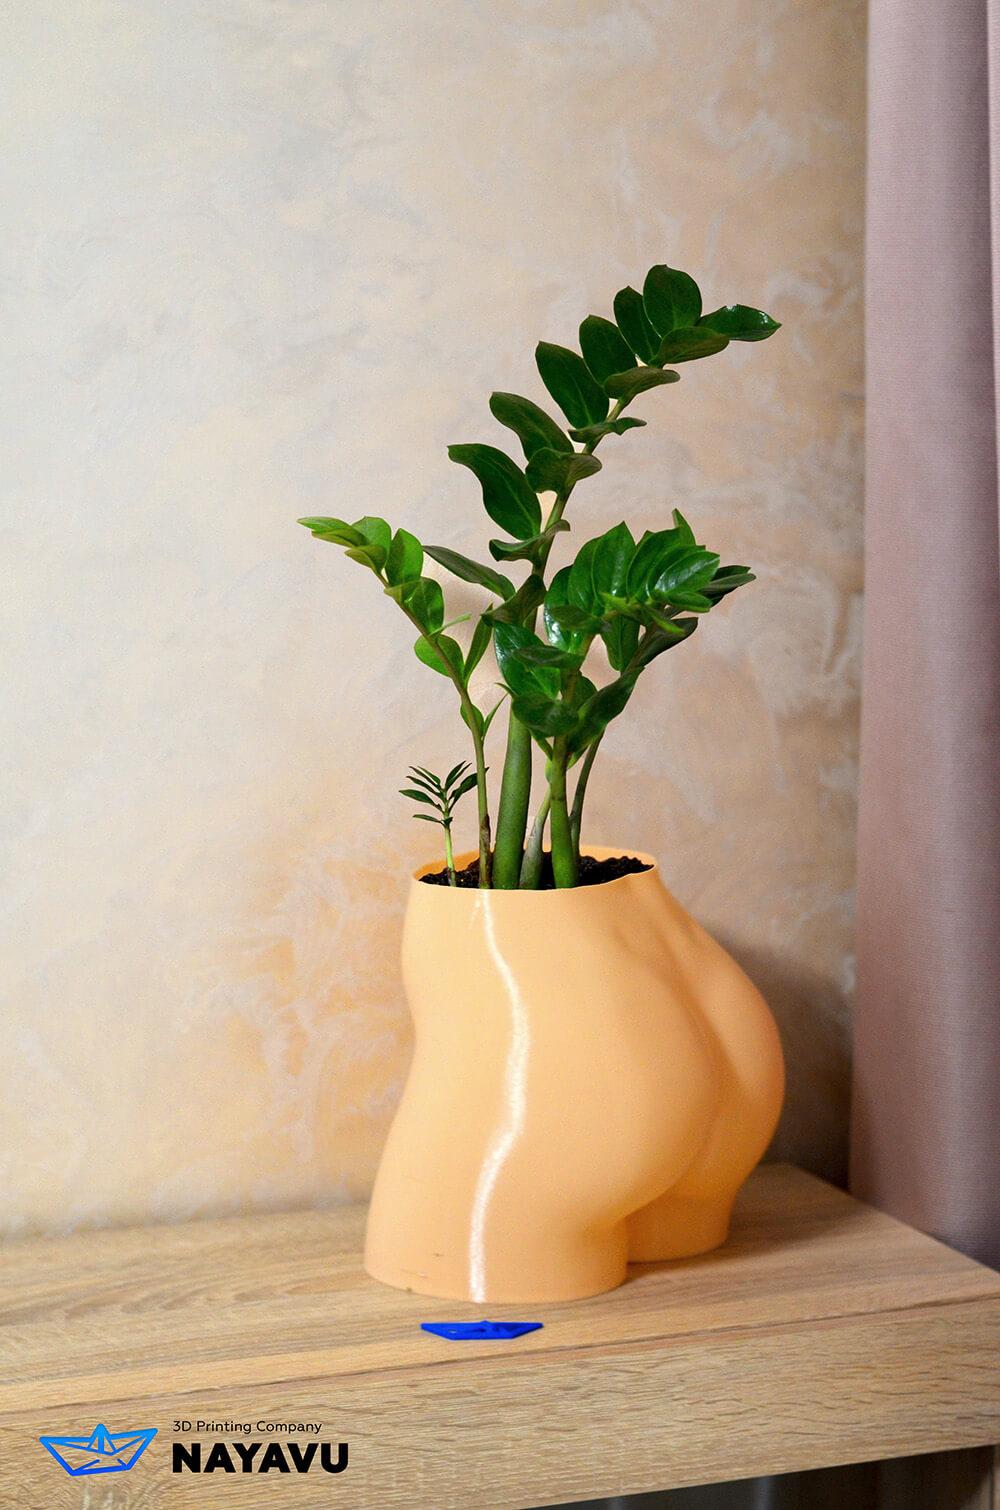 3д печать ваз - Nayavu